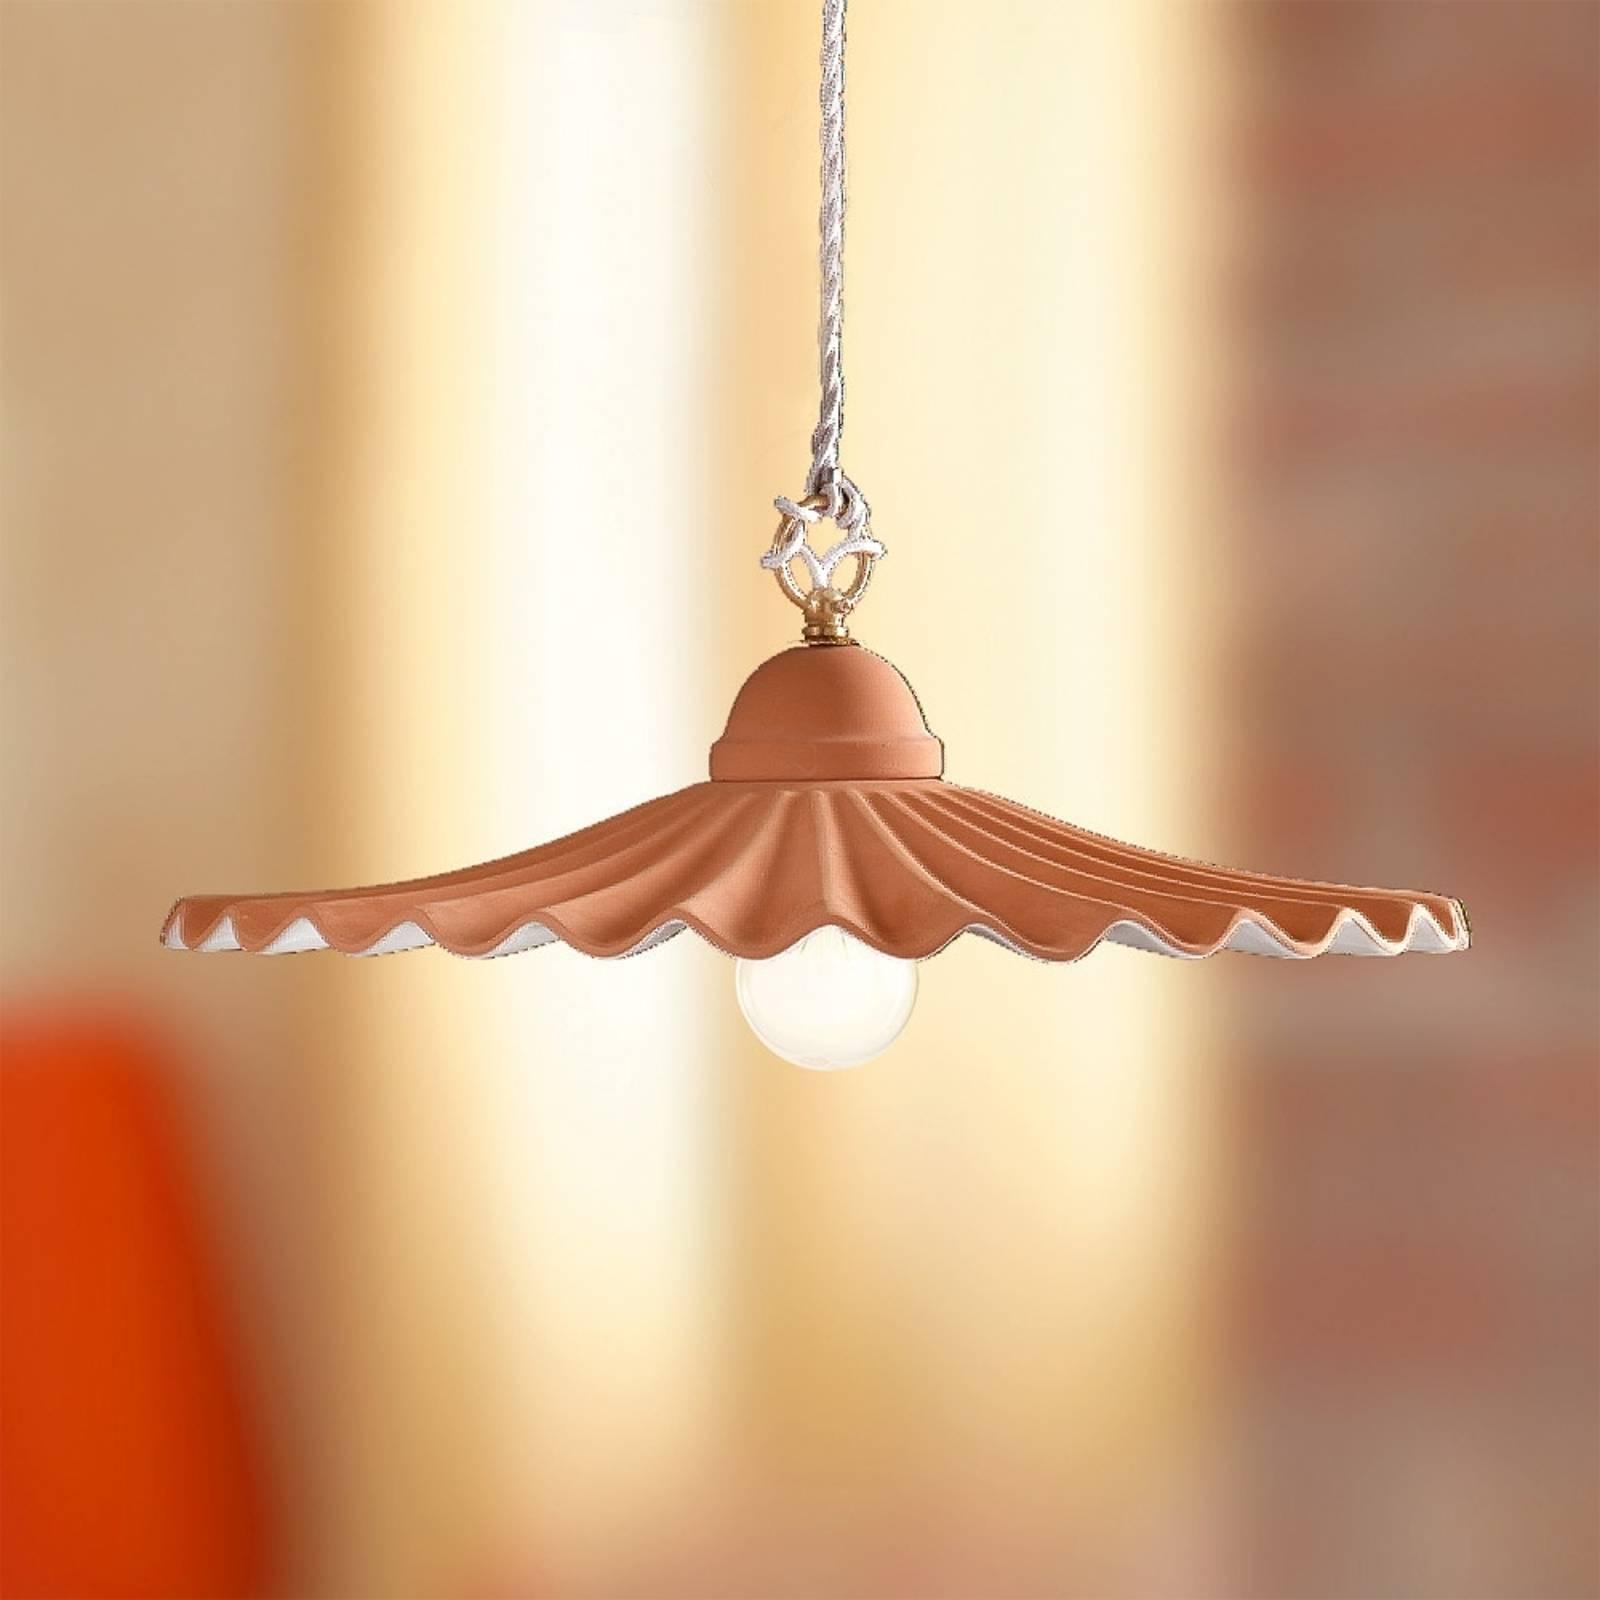 Hanglamp ARGILLA met landhuislook, 43 cm